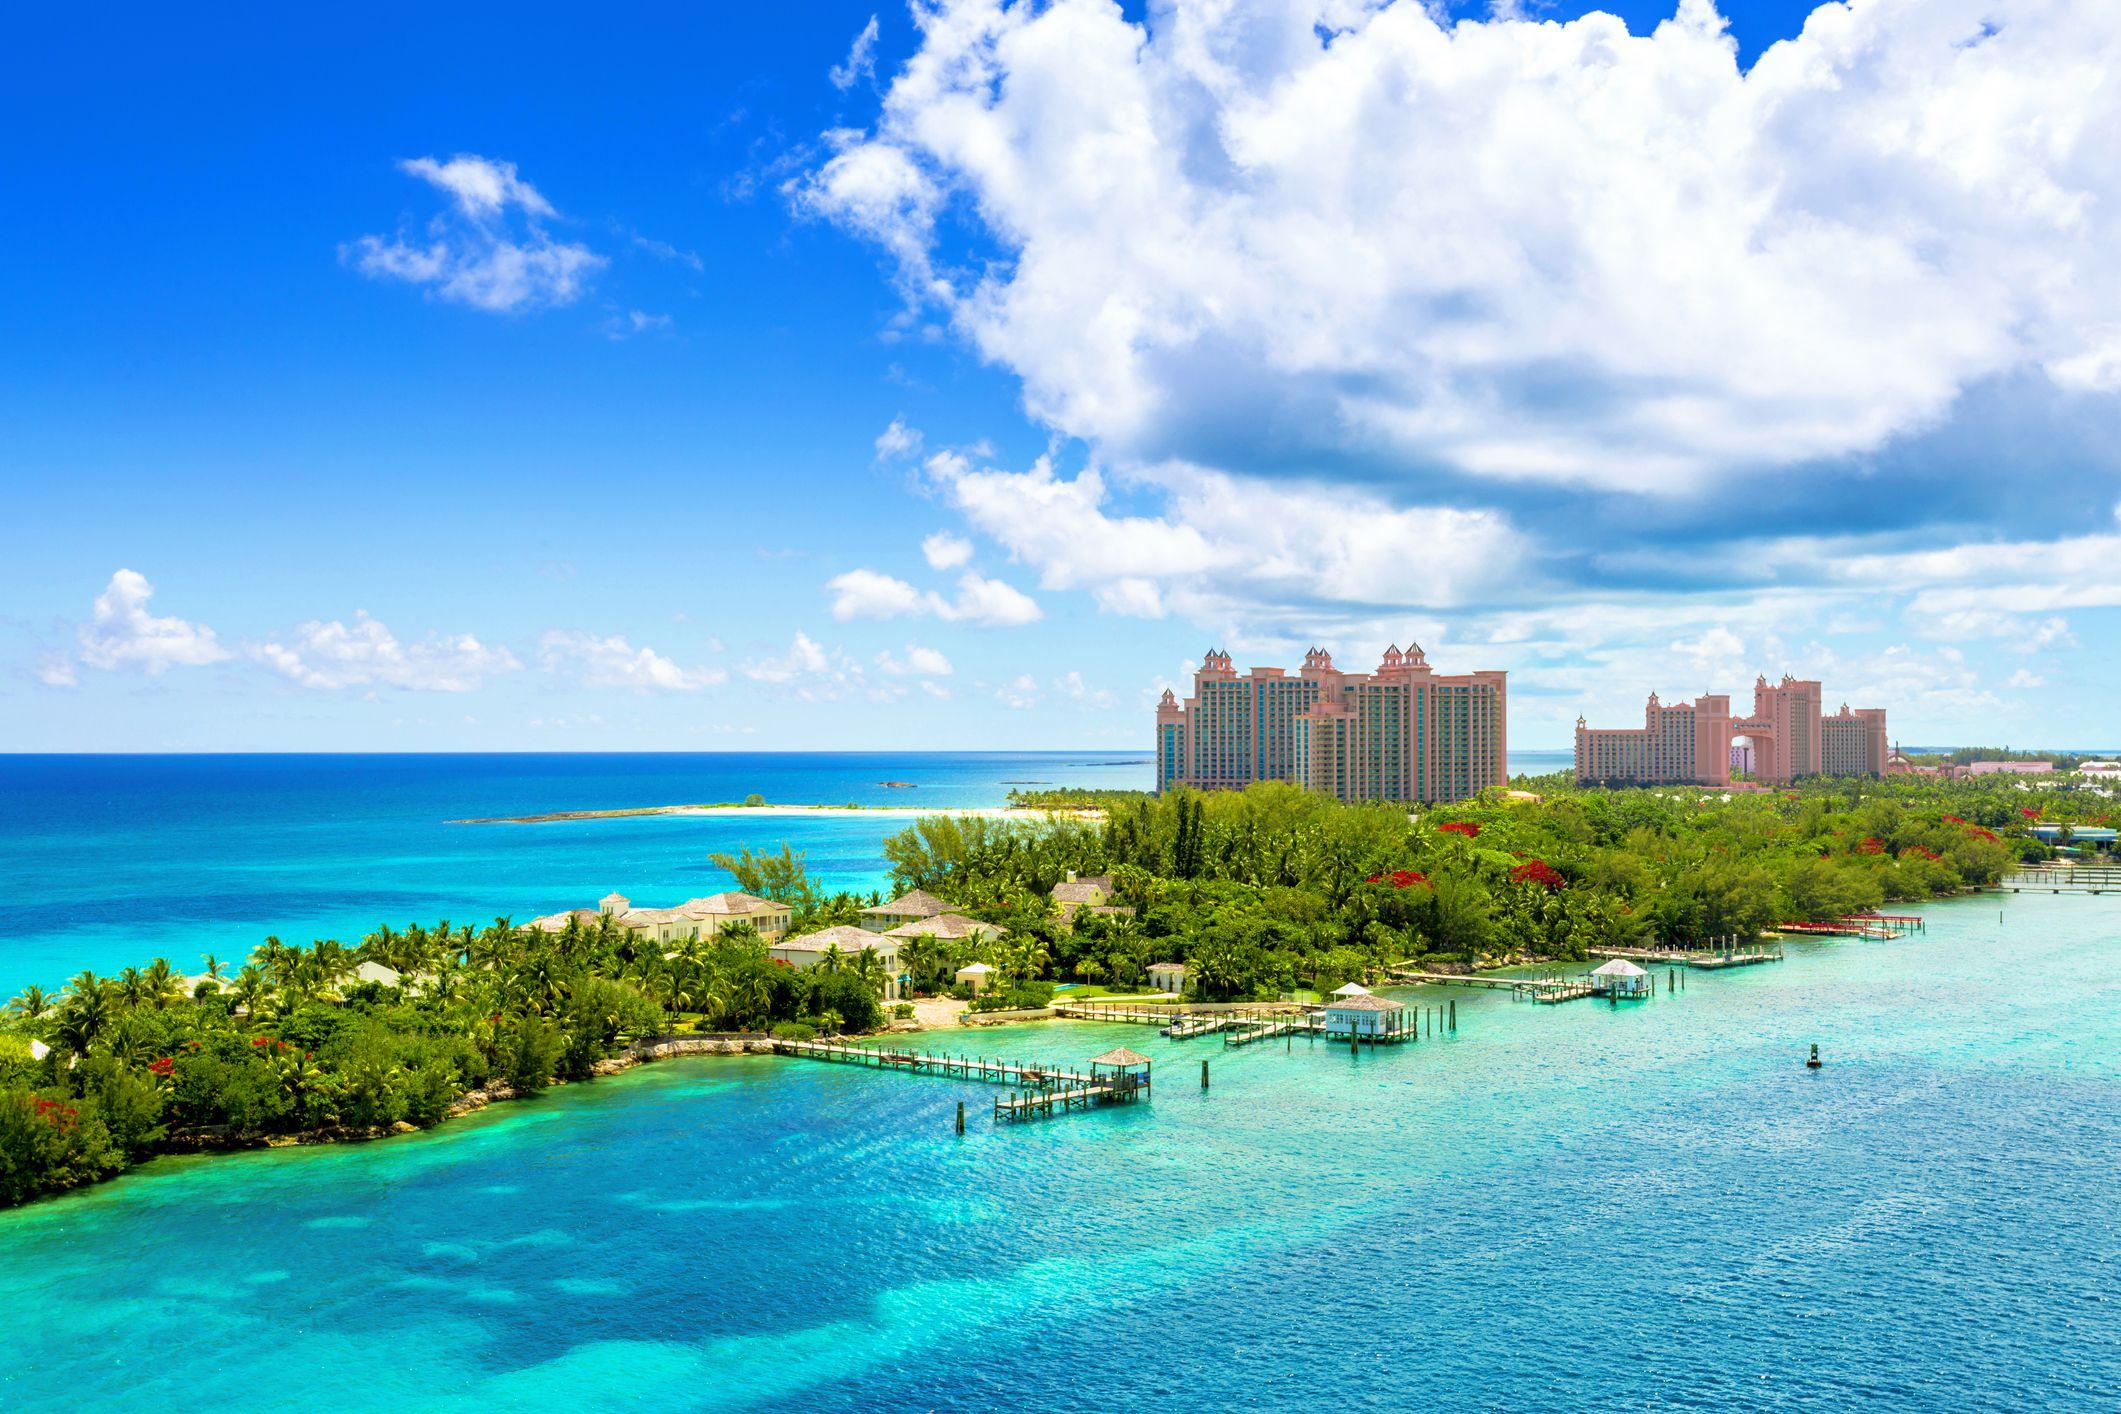 Hotels The 9 Best Bahamas Of 2019 iuPXZOkT